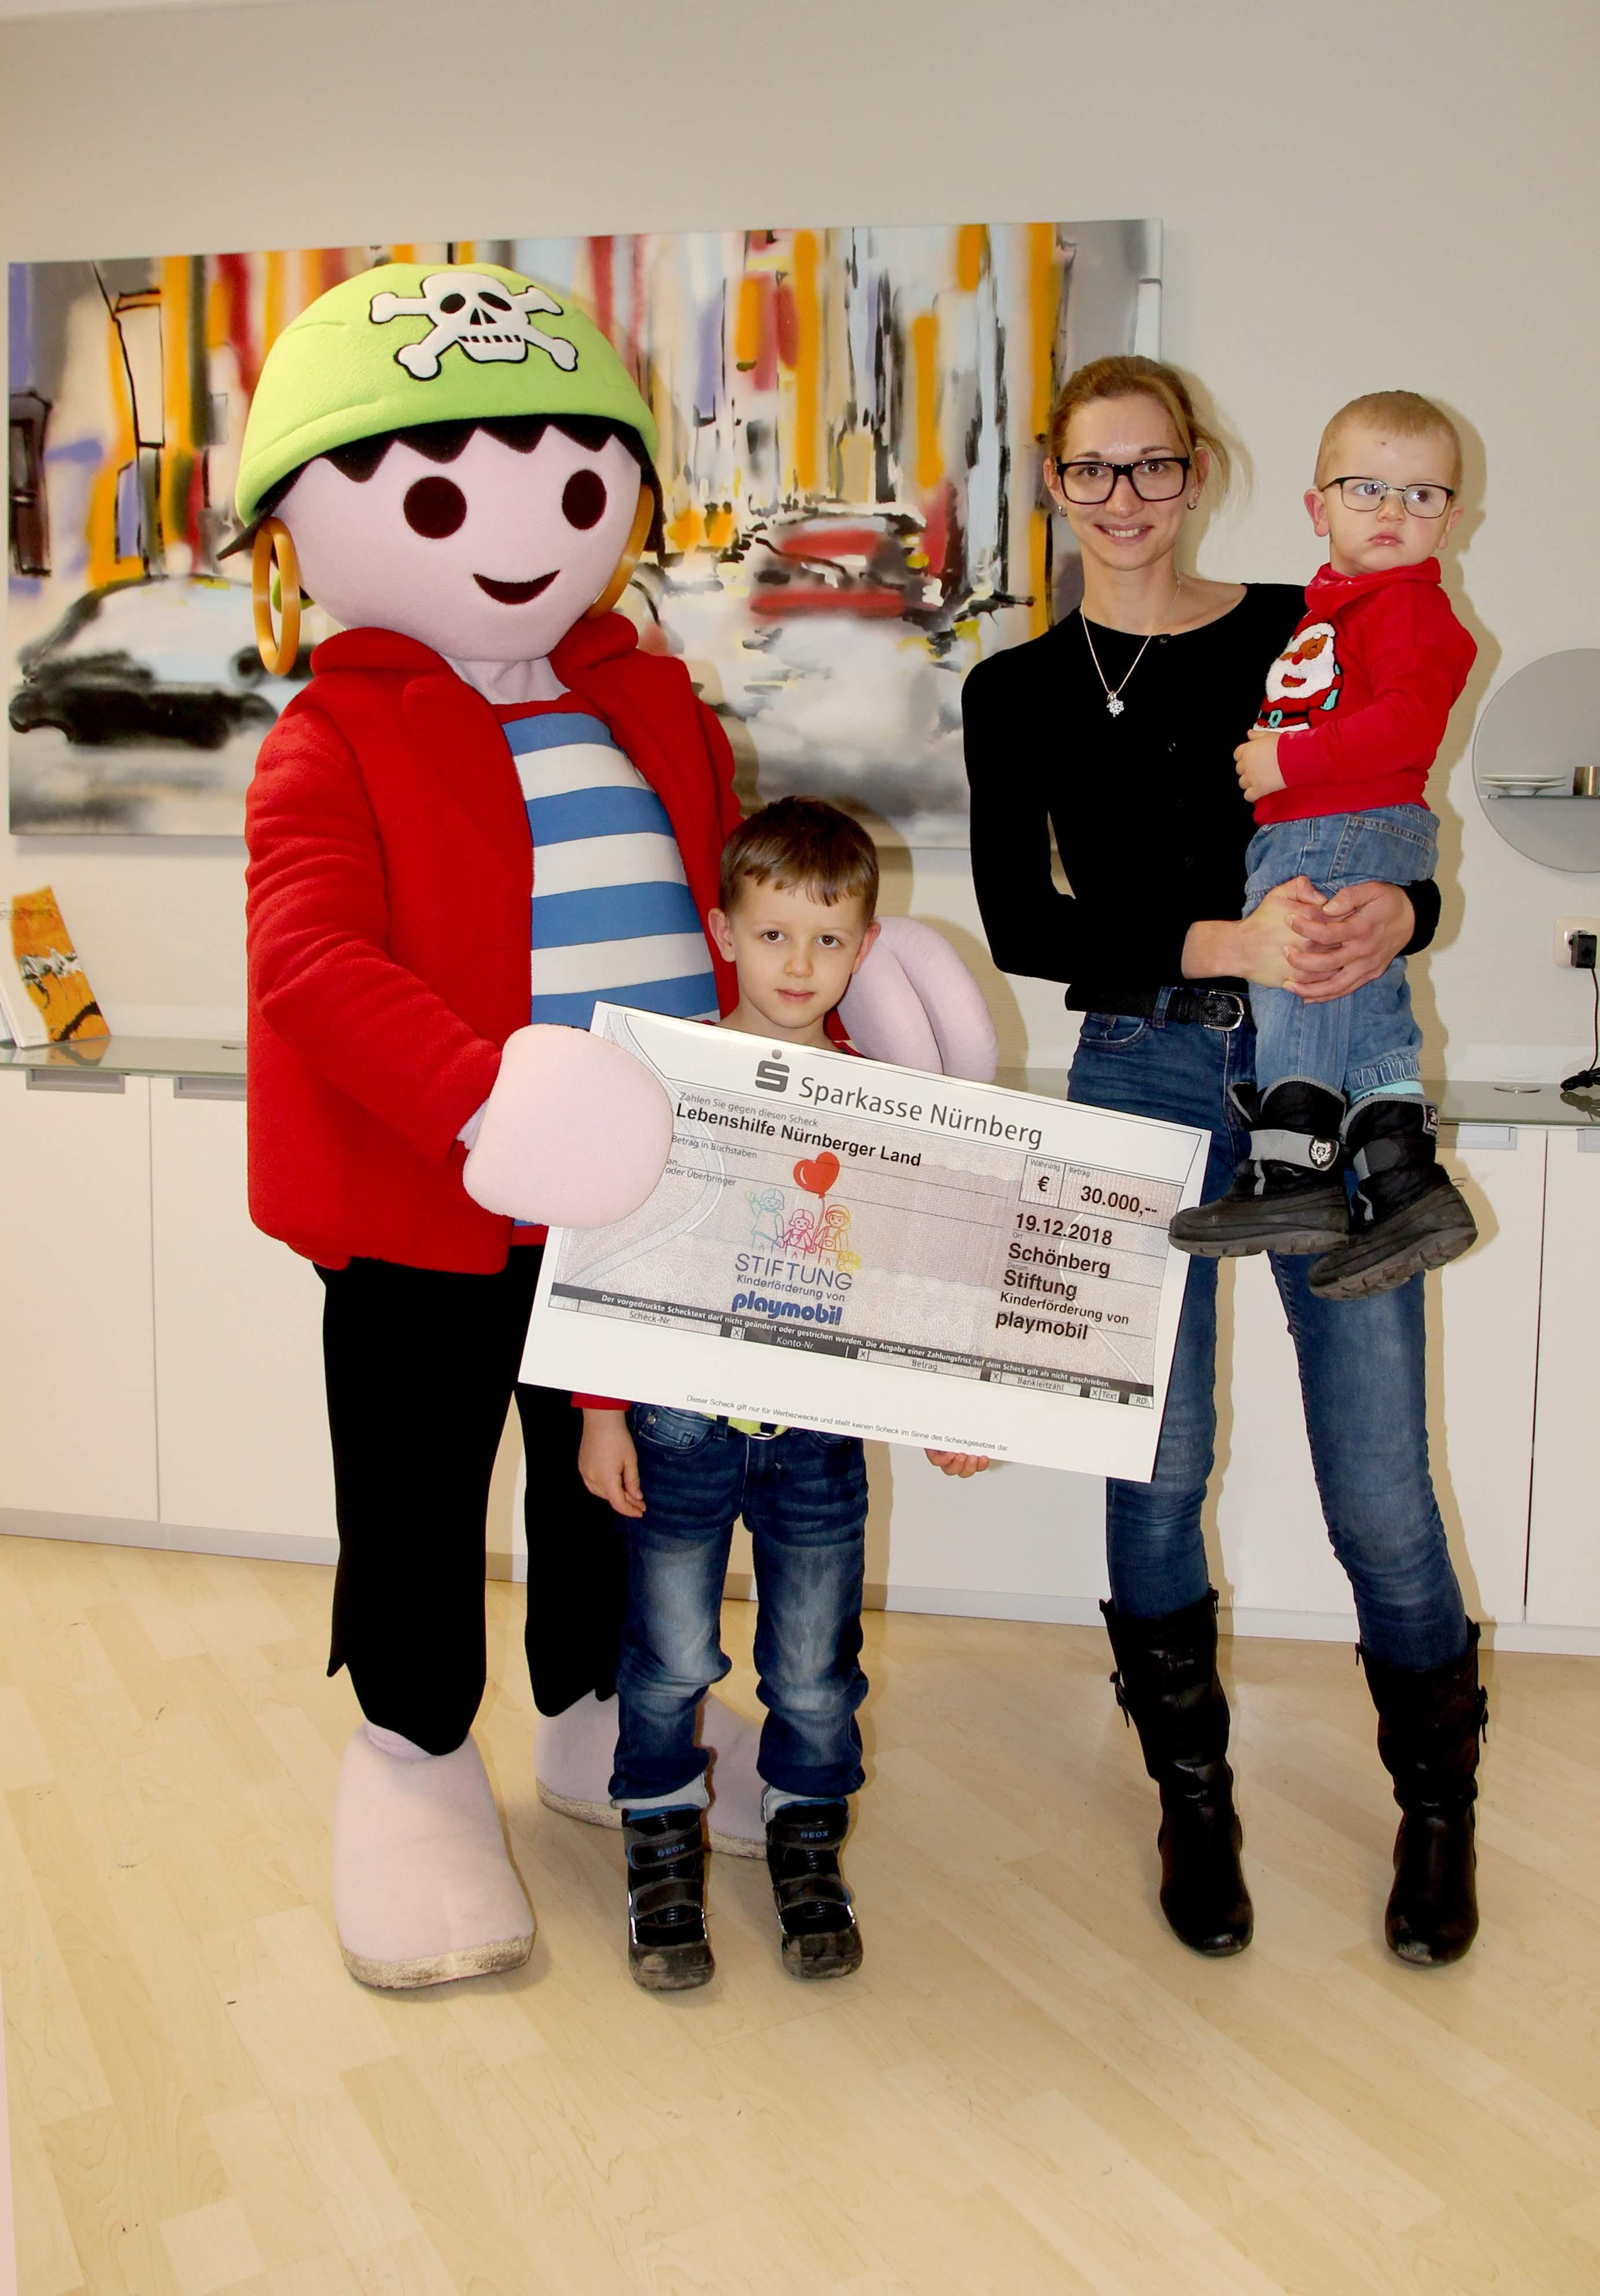 Playmobil-Maskottchen Rico überreichte die Riesenspende der Kinderstiftung. Stellvertretend für die Lebenshilfe Nürnberger Land nahmen die Frühförderkinder Emil und Marc die Spende entgegen.